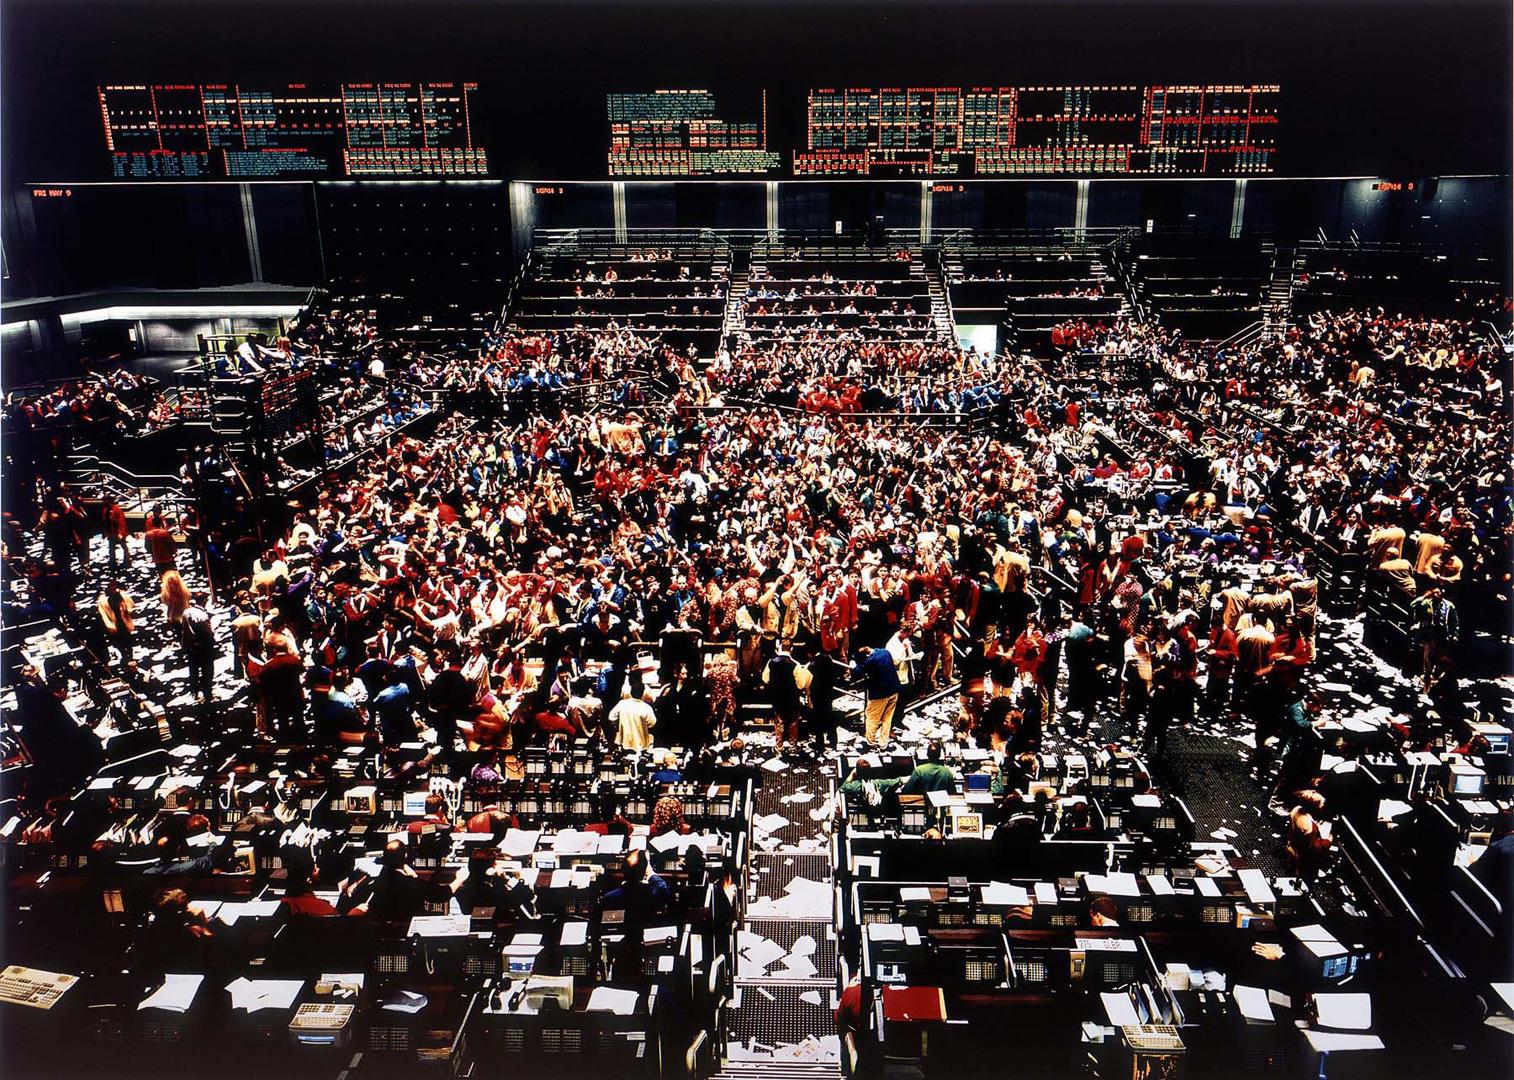 攝影師Andrea Gursky創下拍賣高價的藝術作品